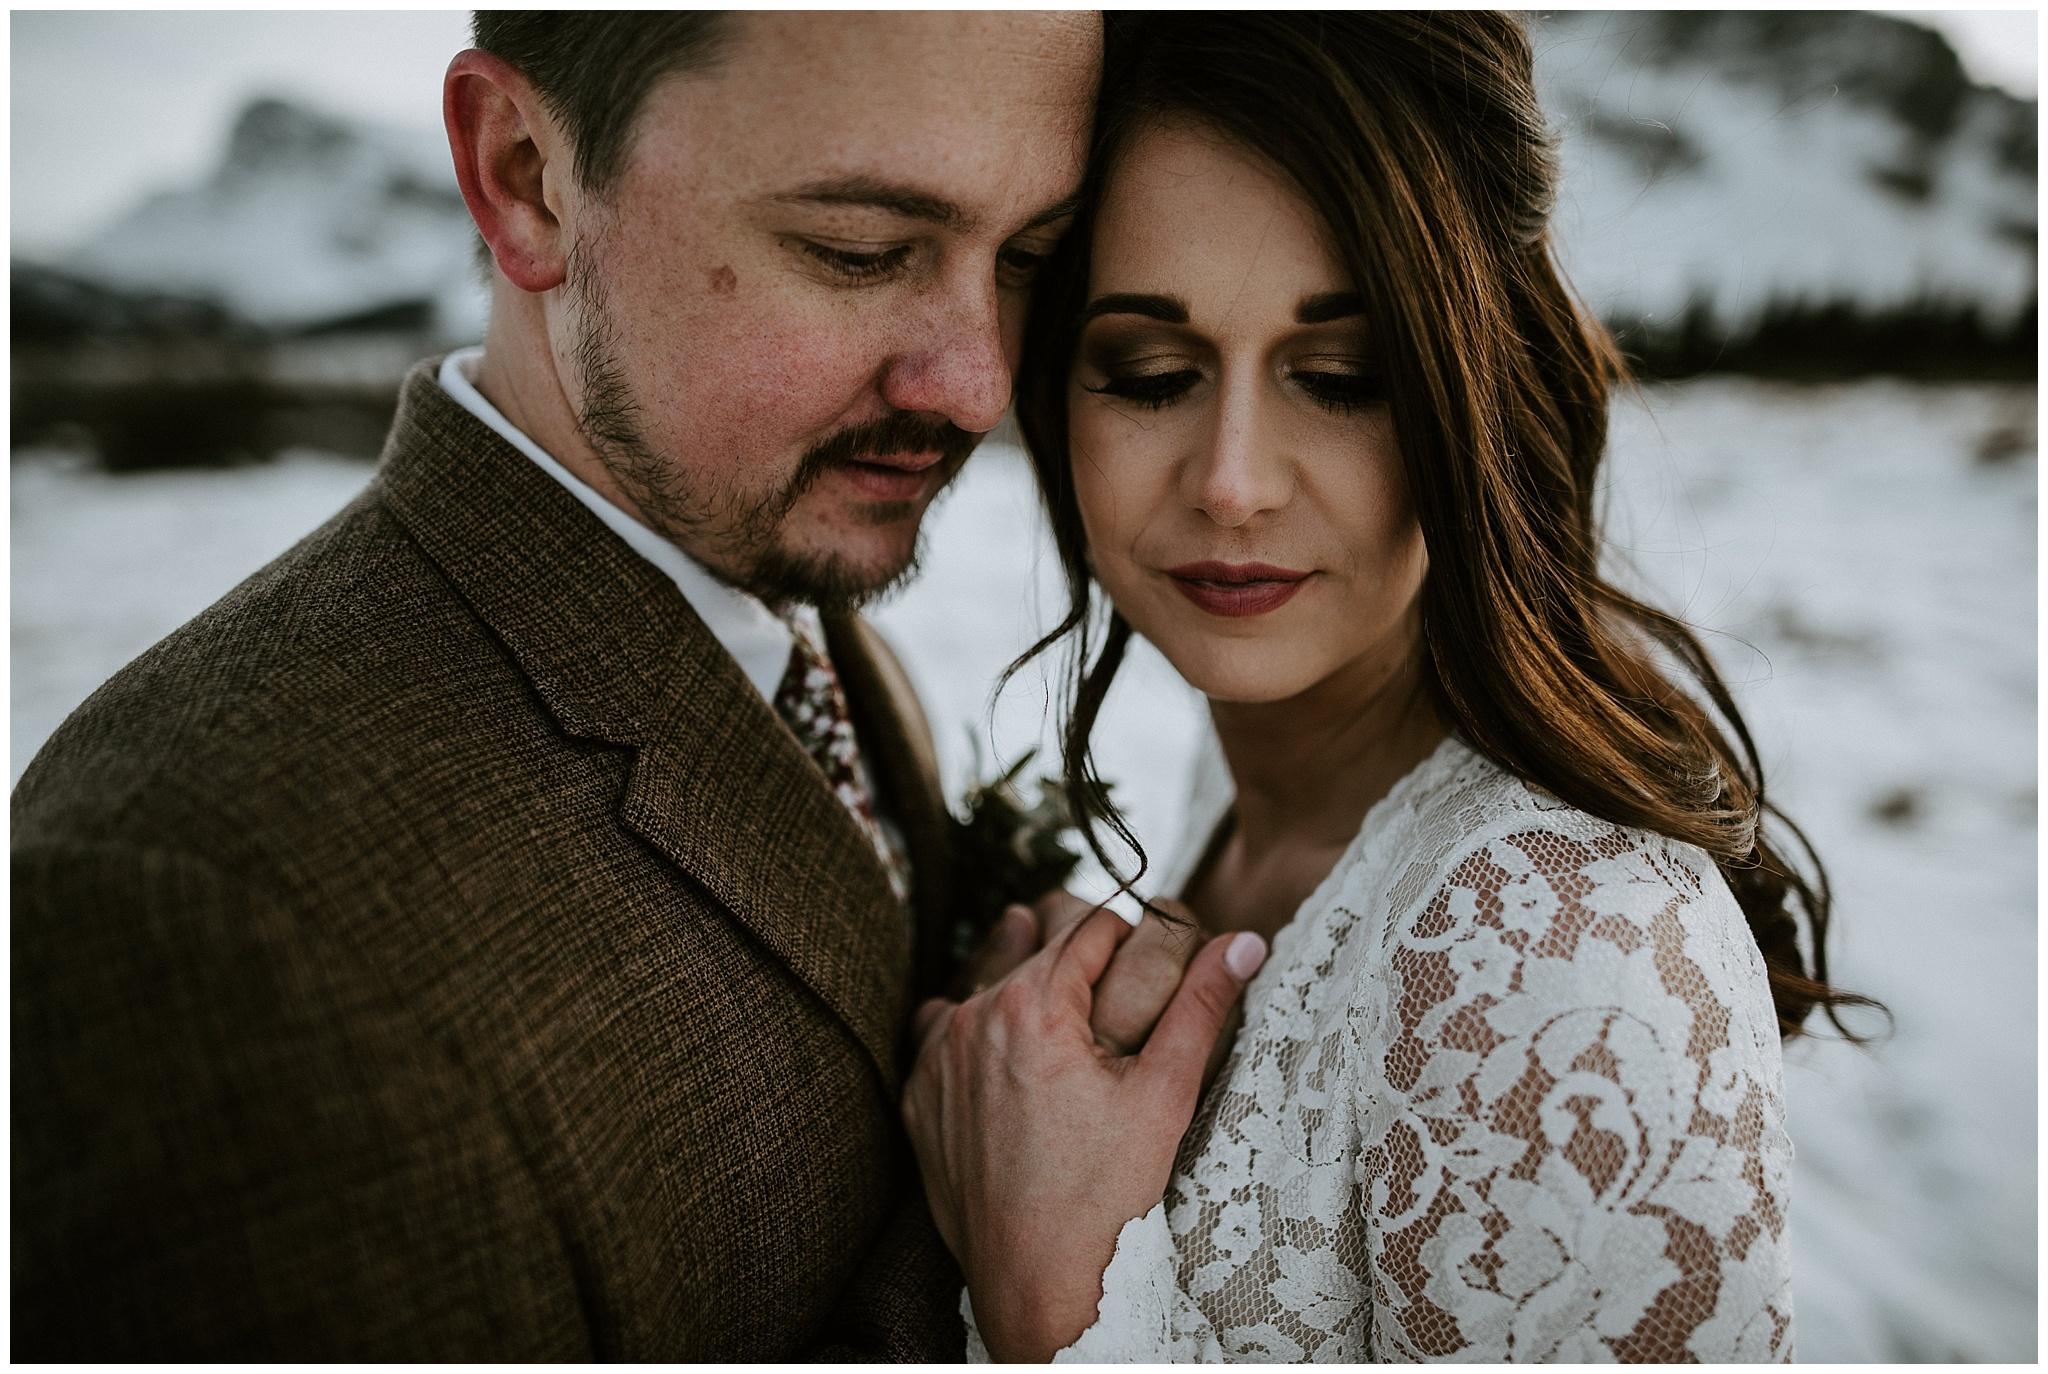 peyto-lake-wedding-photos-60.JPG